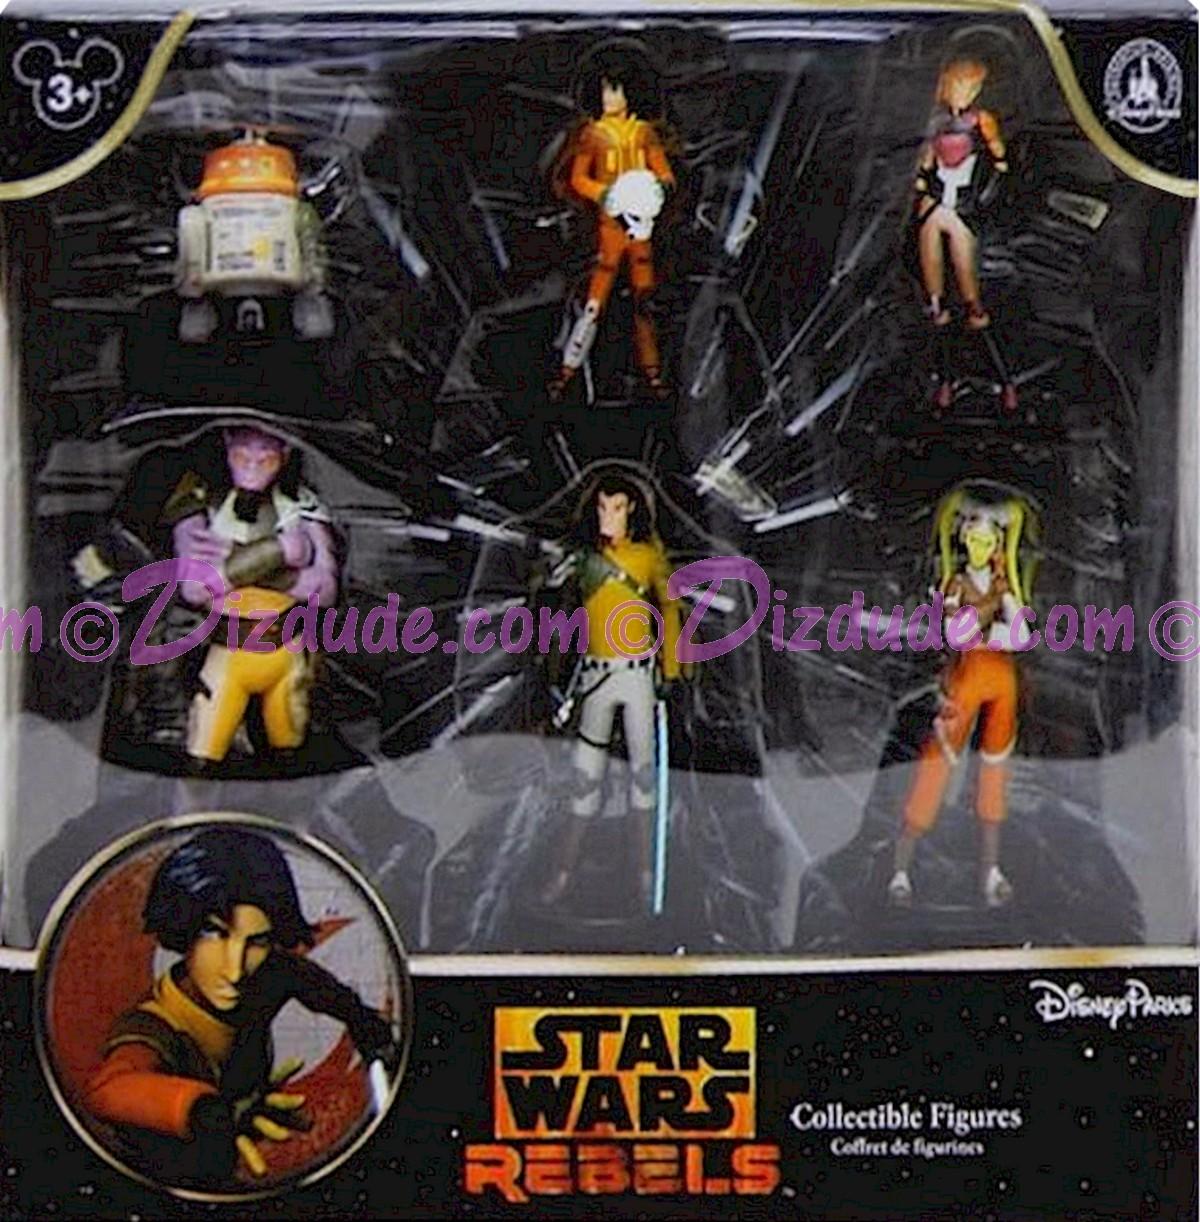 """""""Star Wars REBELS Collectible Figures"""" ~ Disney Star Wars Weekends 2015 © Dizdude.com"""